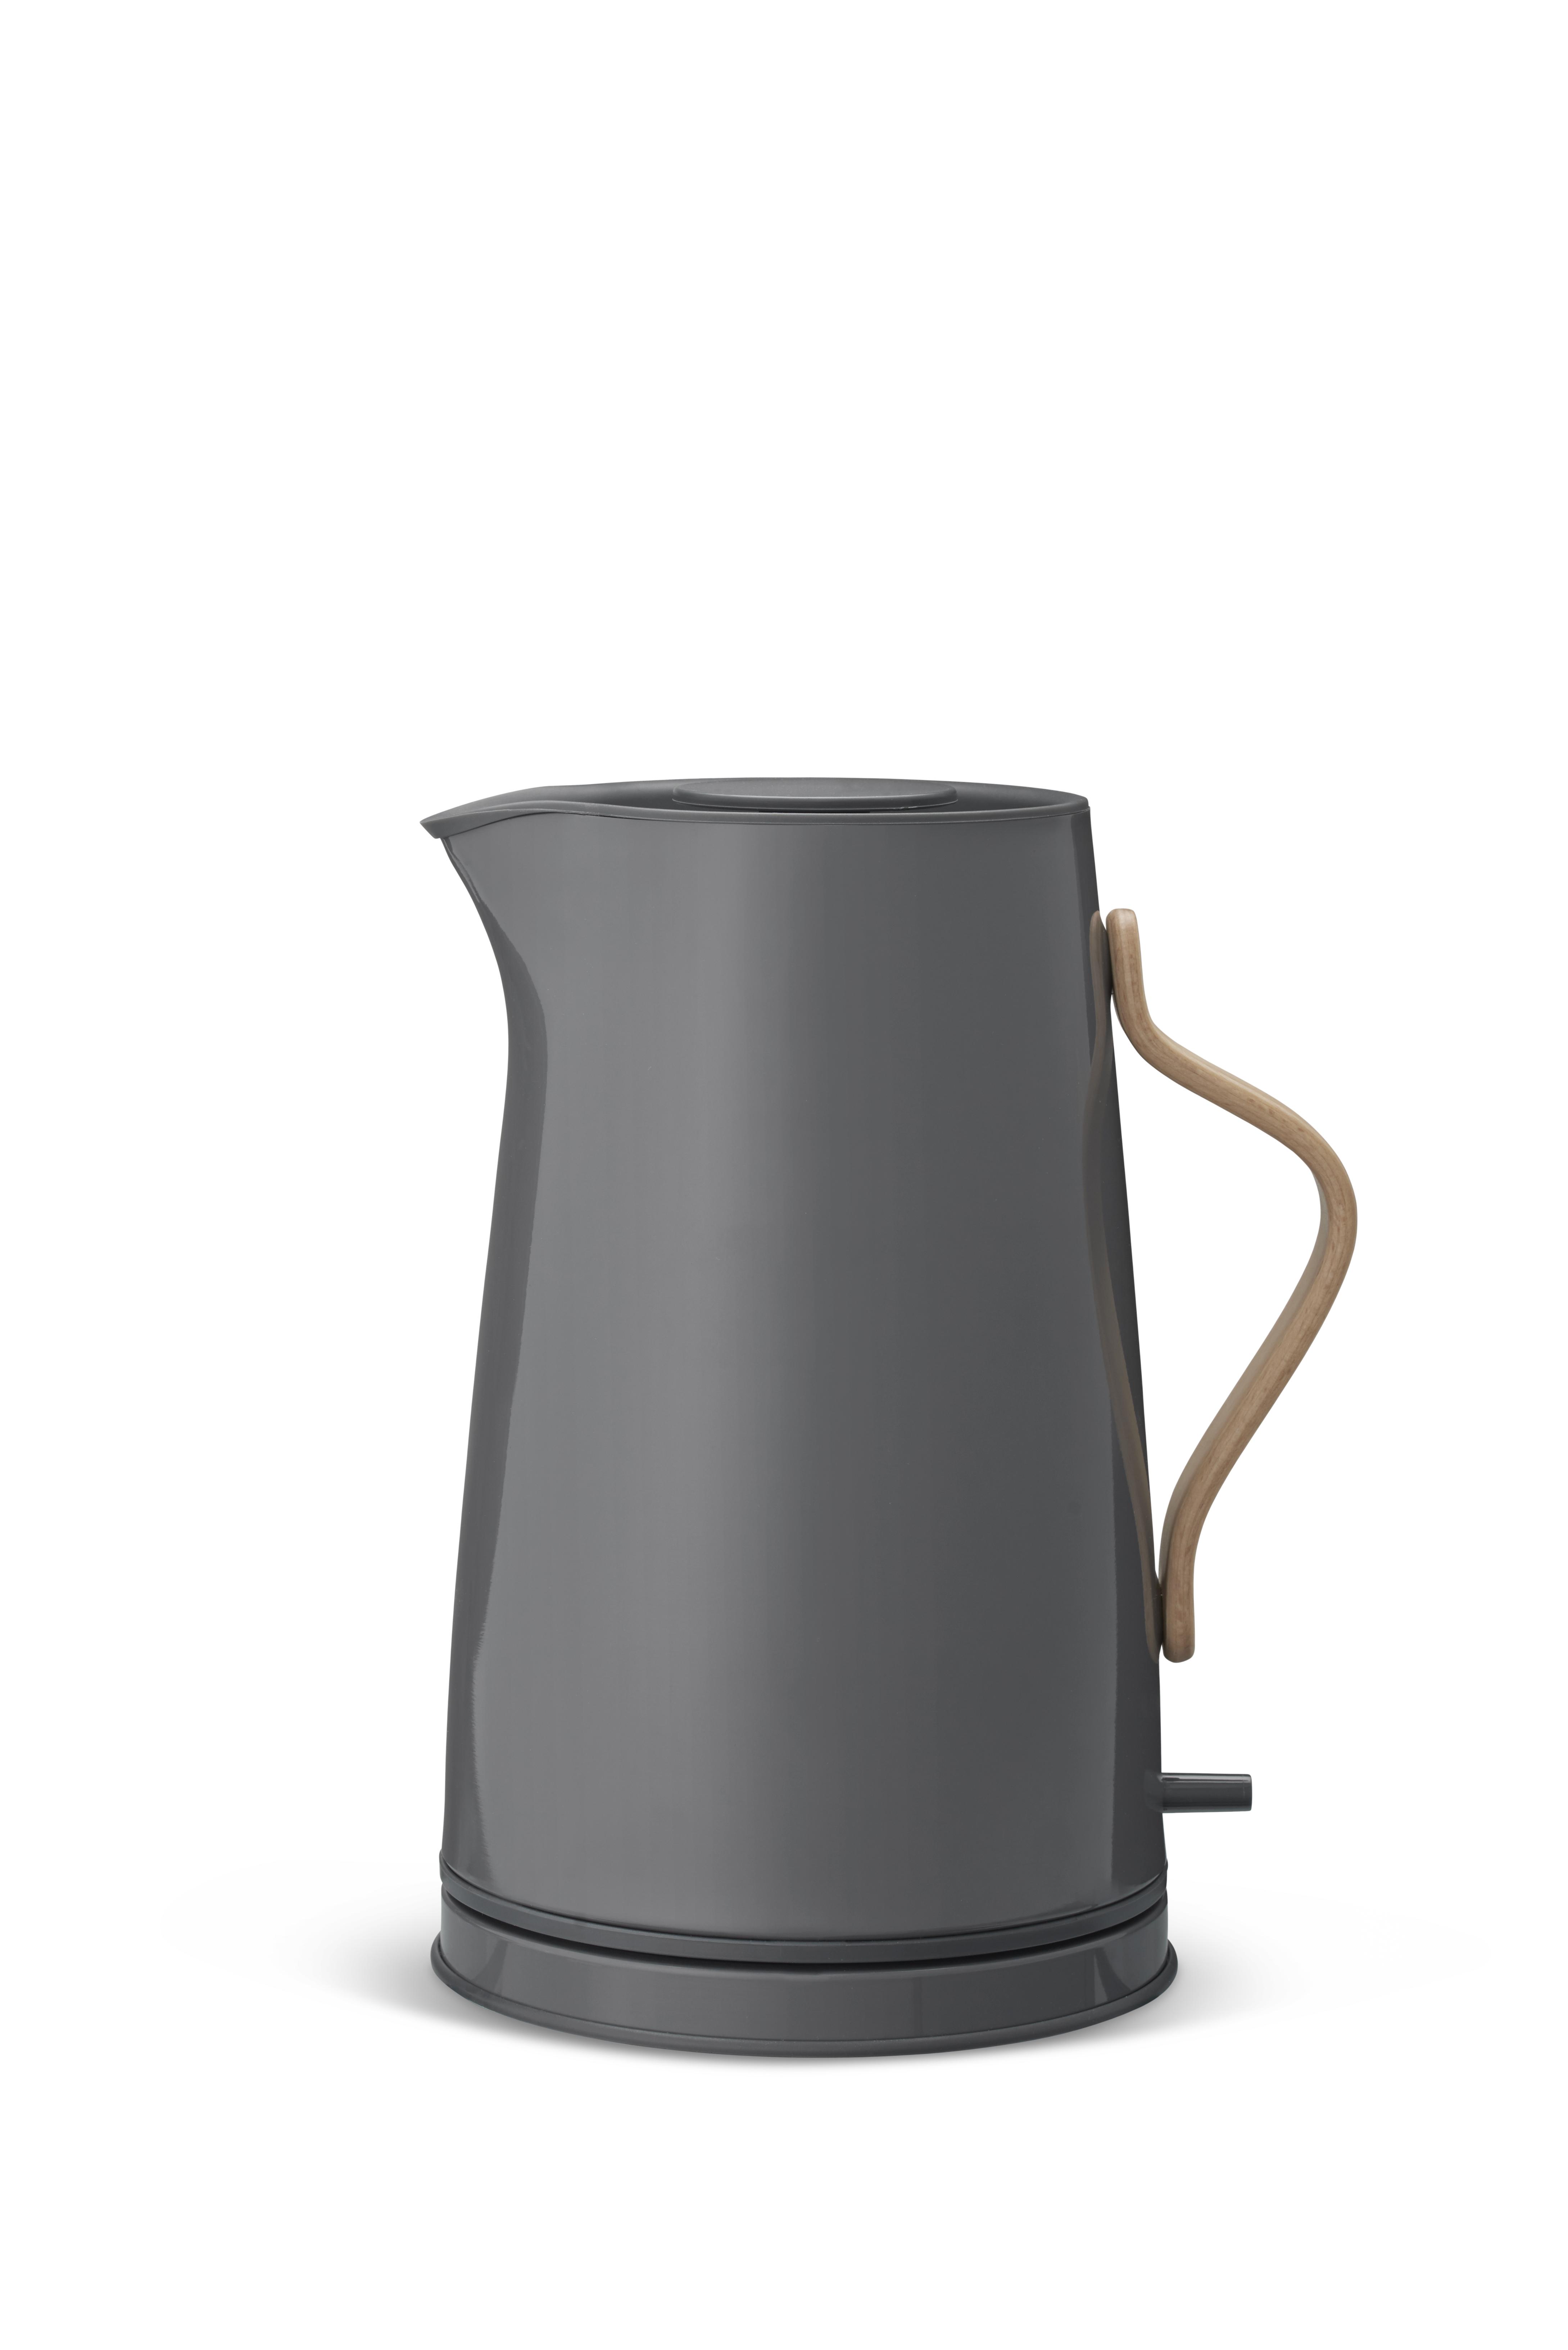 Stelton - Emma Kettle 1,2 L - Grey (x-210-1)